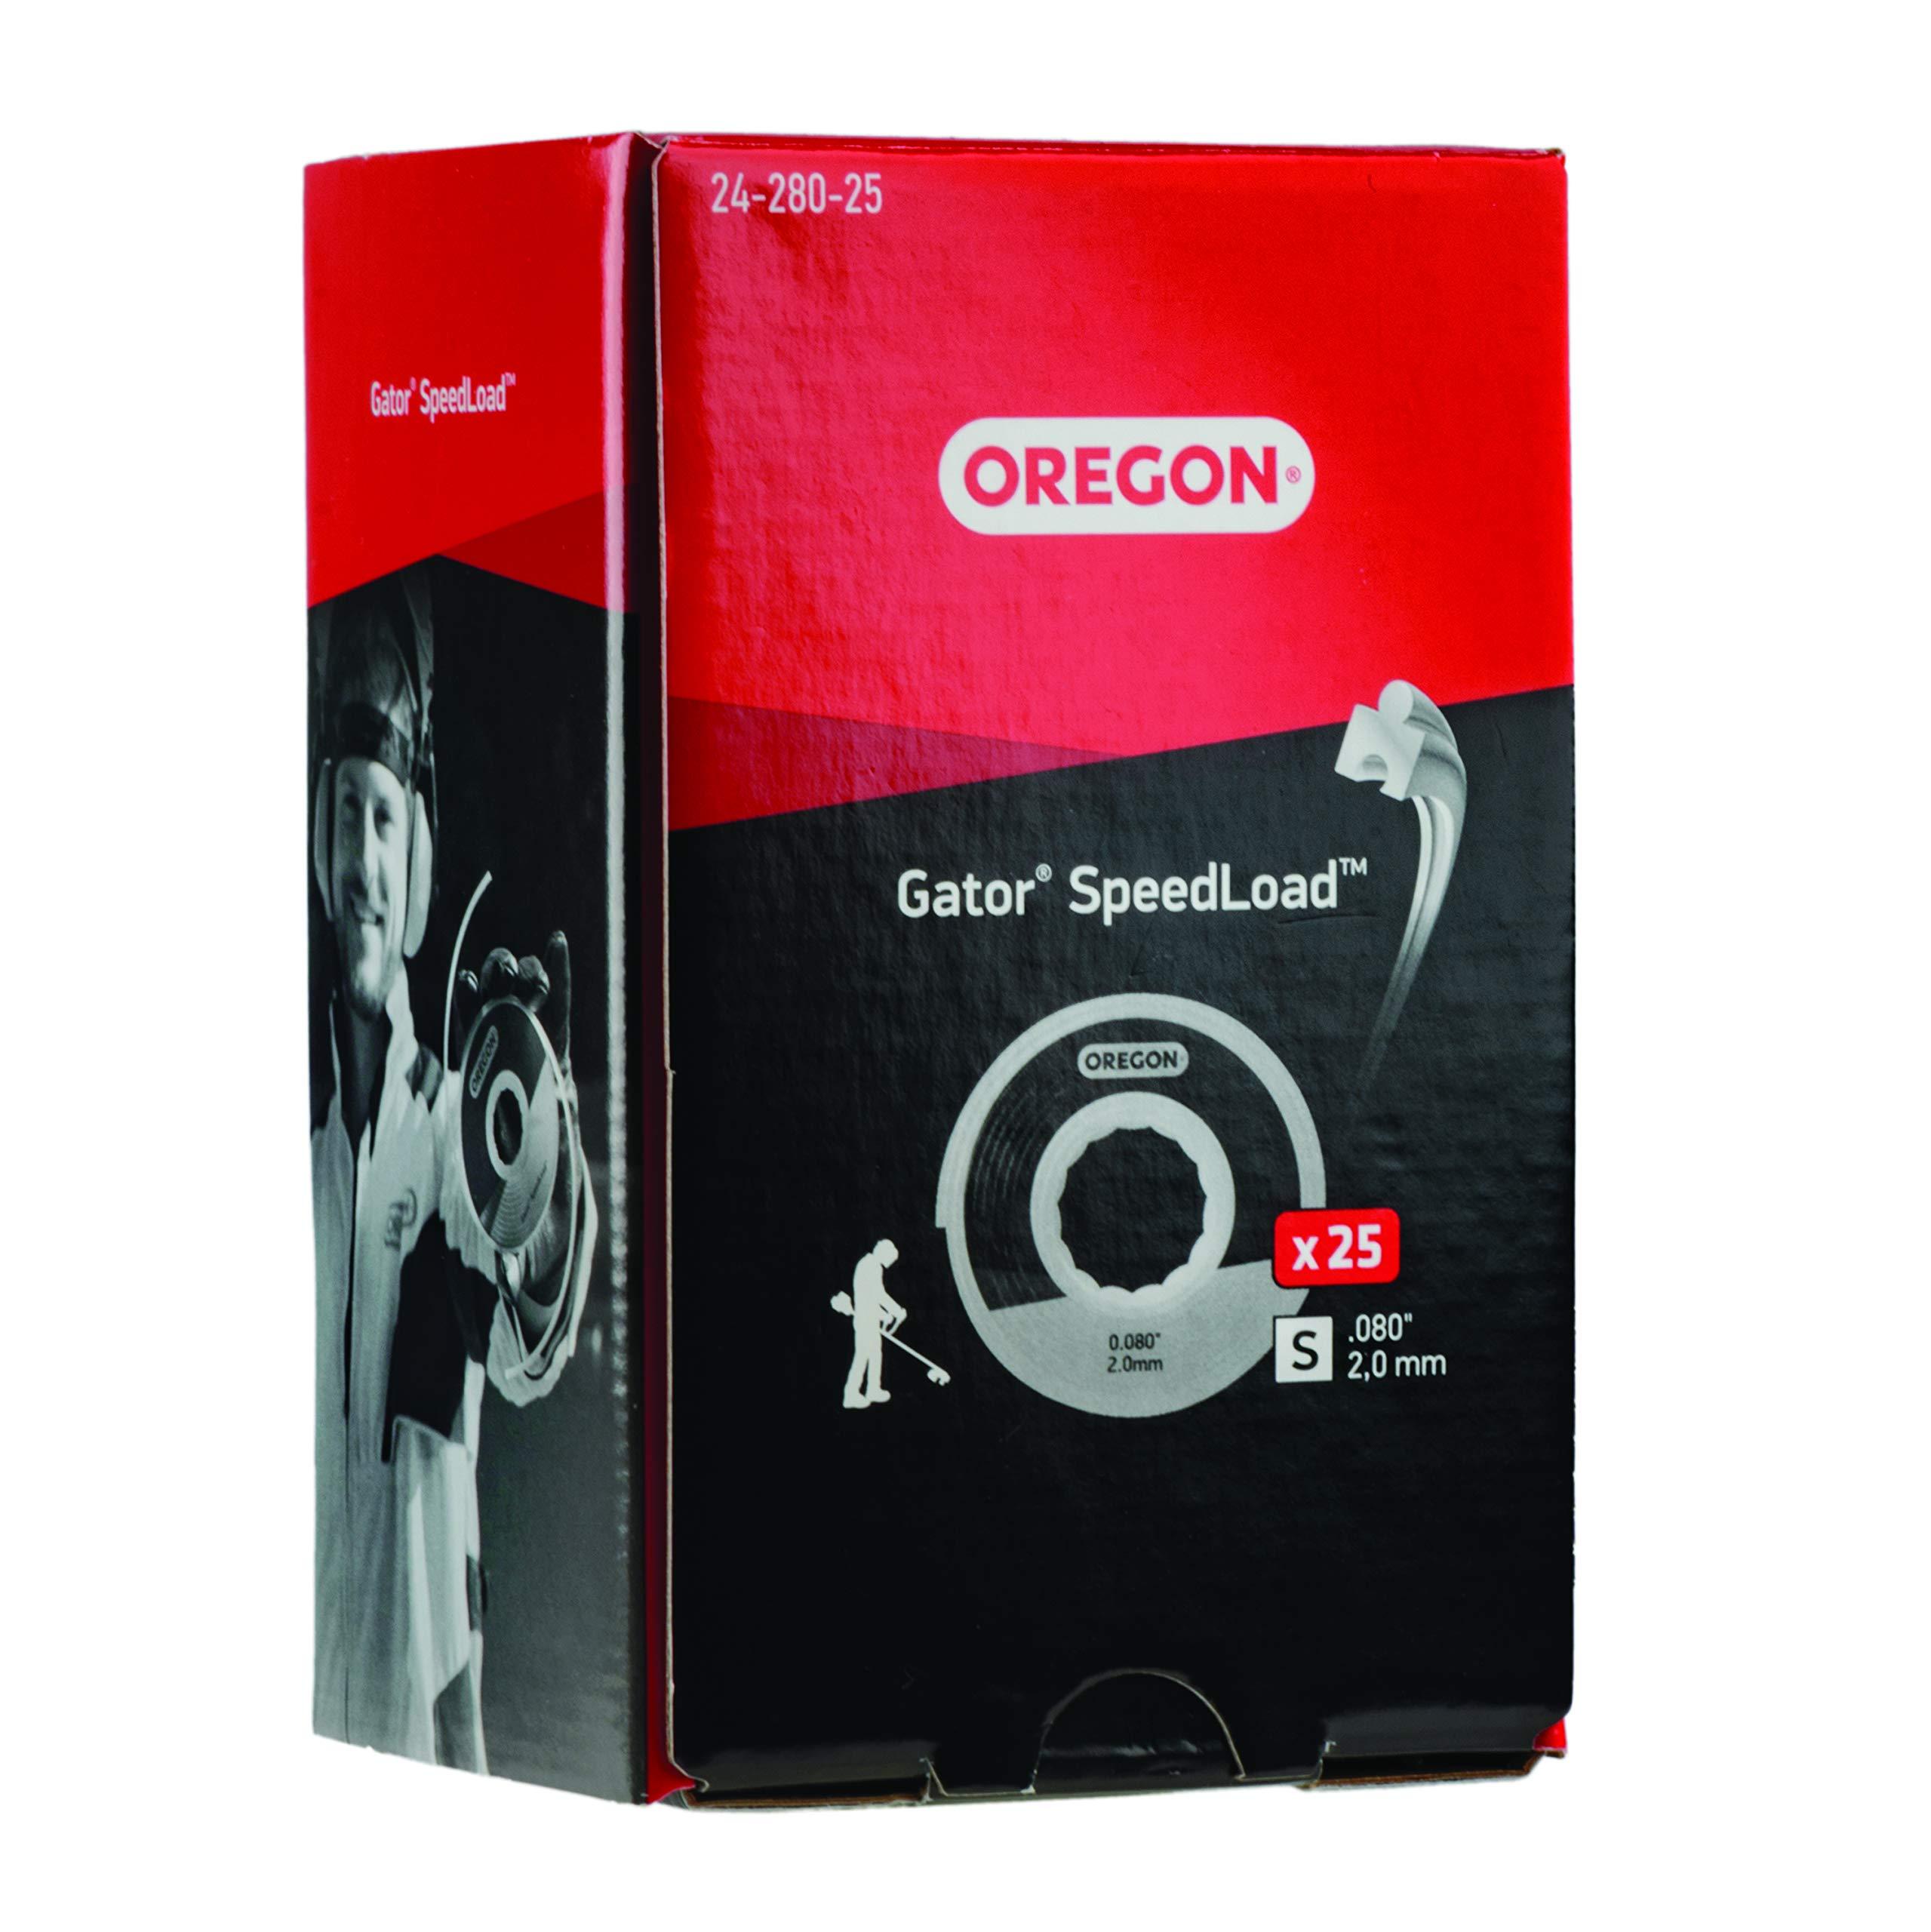 Oregon 24-280-25 Gator SpeedLoad Trimmer Line.080'' 25 Pack SM